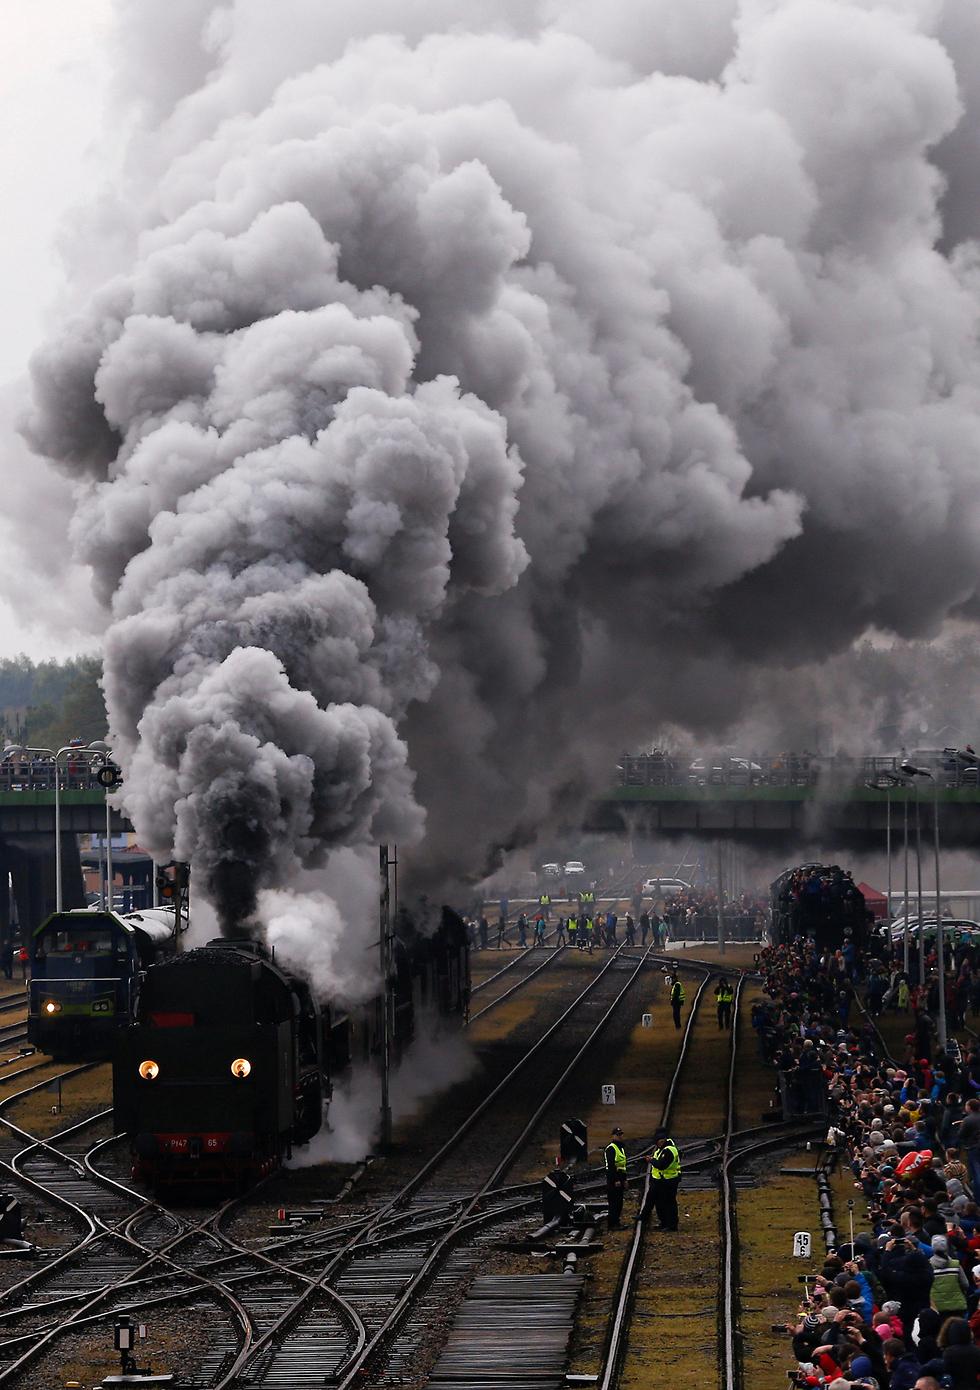 מצעד רכבות הקיטור ה-24 בעיר הפולנית וולשטין (צילום: רויטרס)